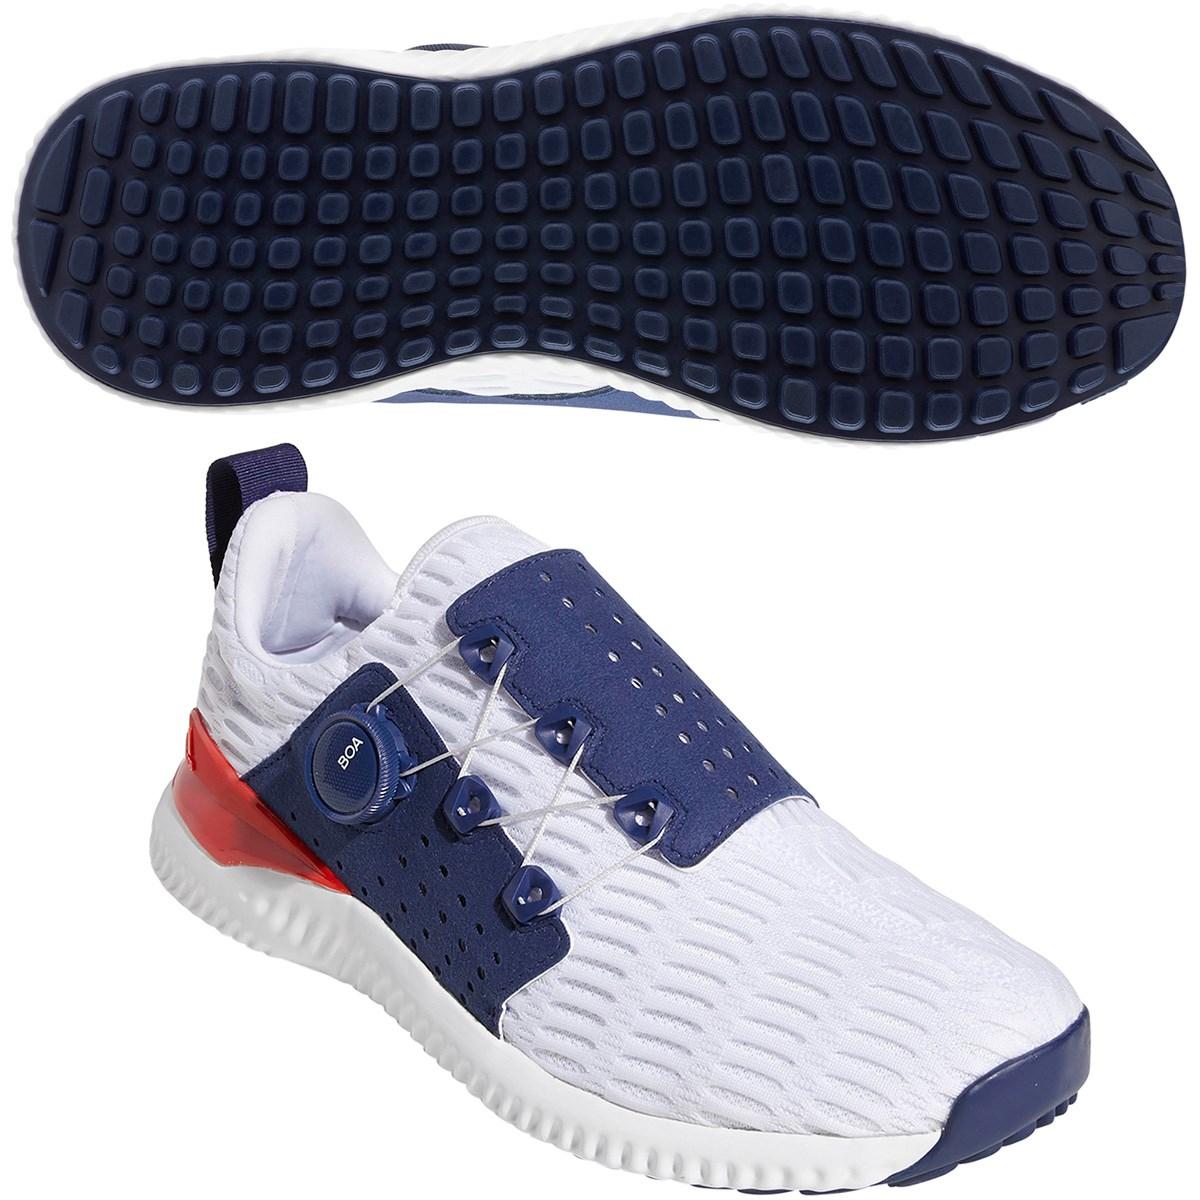 アディダス(adidas) アディクロス バウンス ボア シューズ